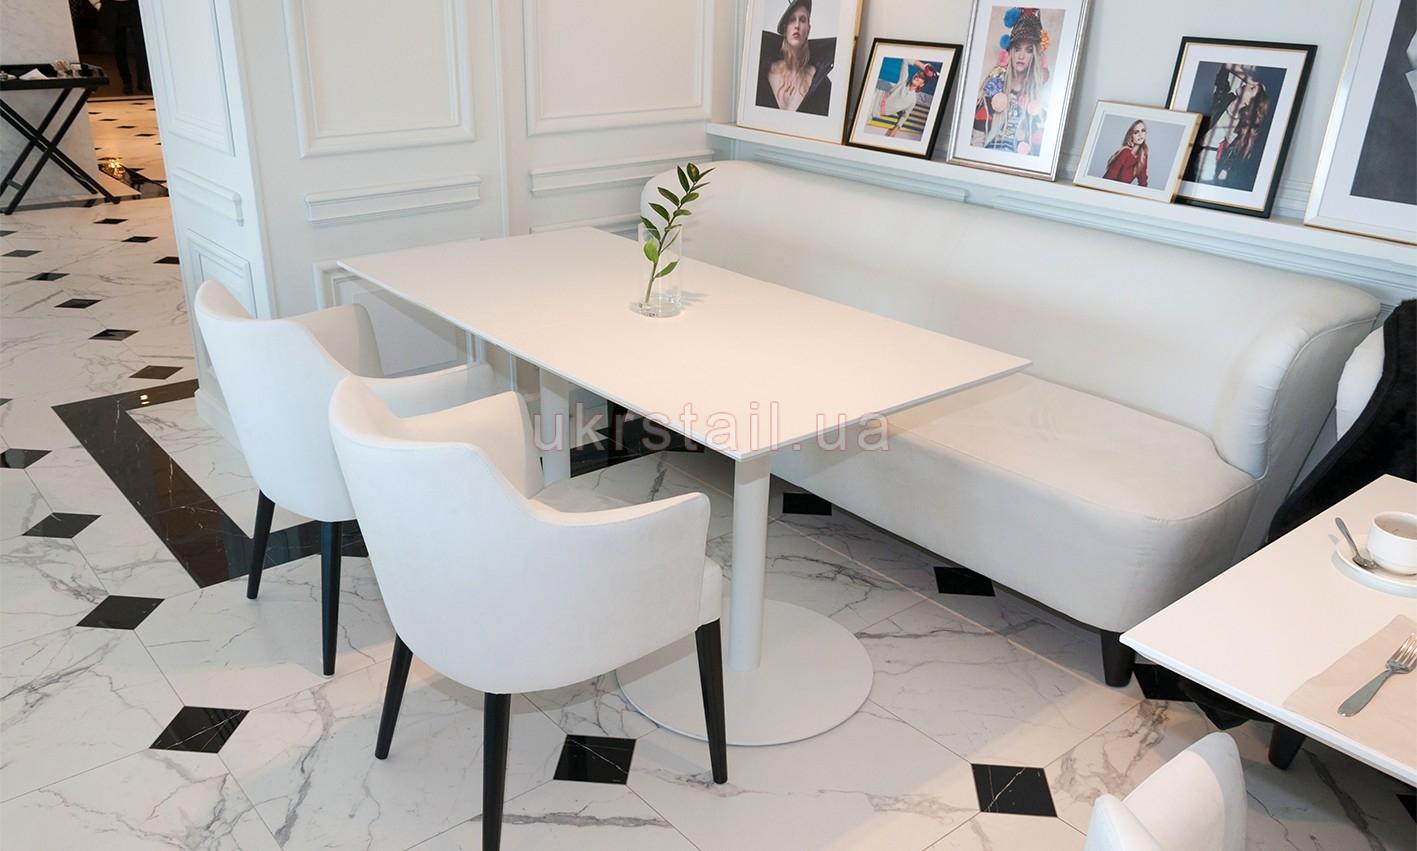 Столы Vogue Cafe Kiev в гостинице Fairmont 12